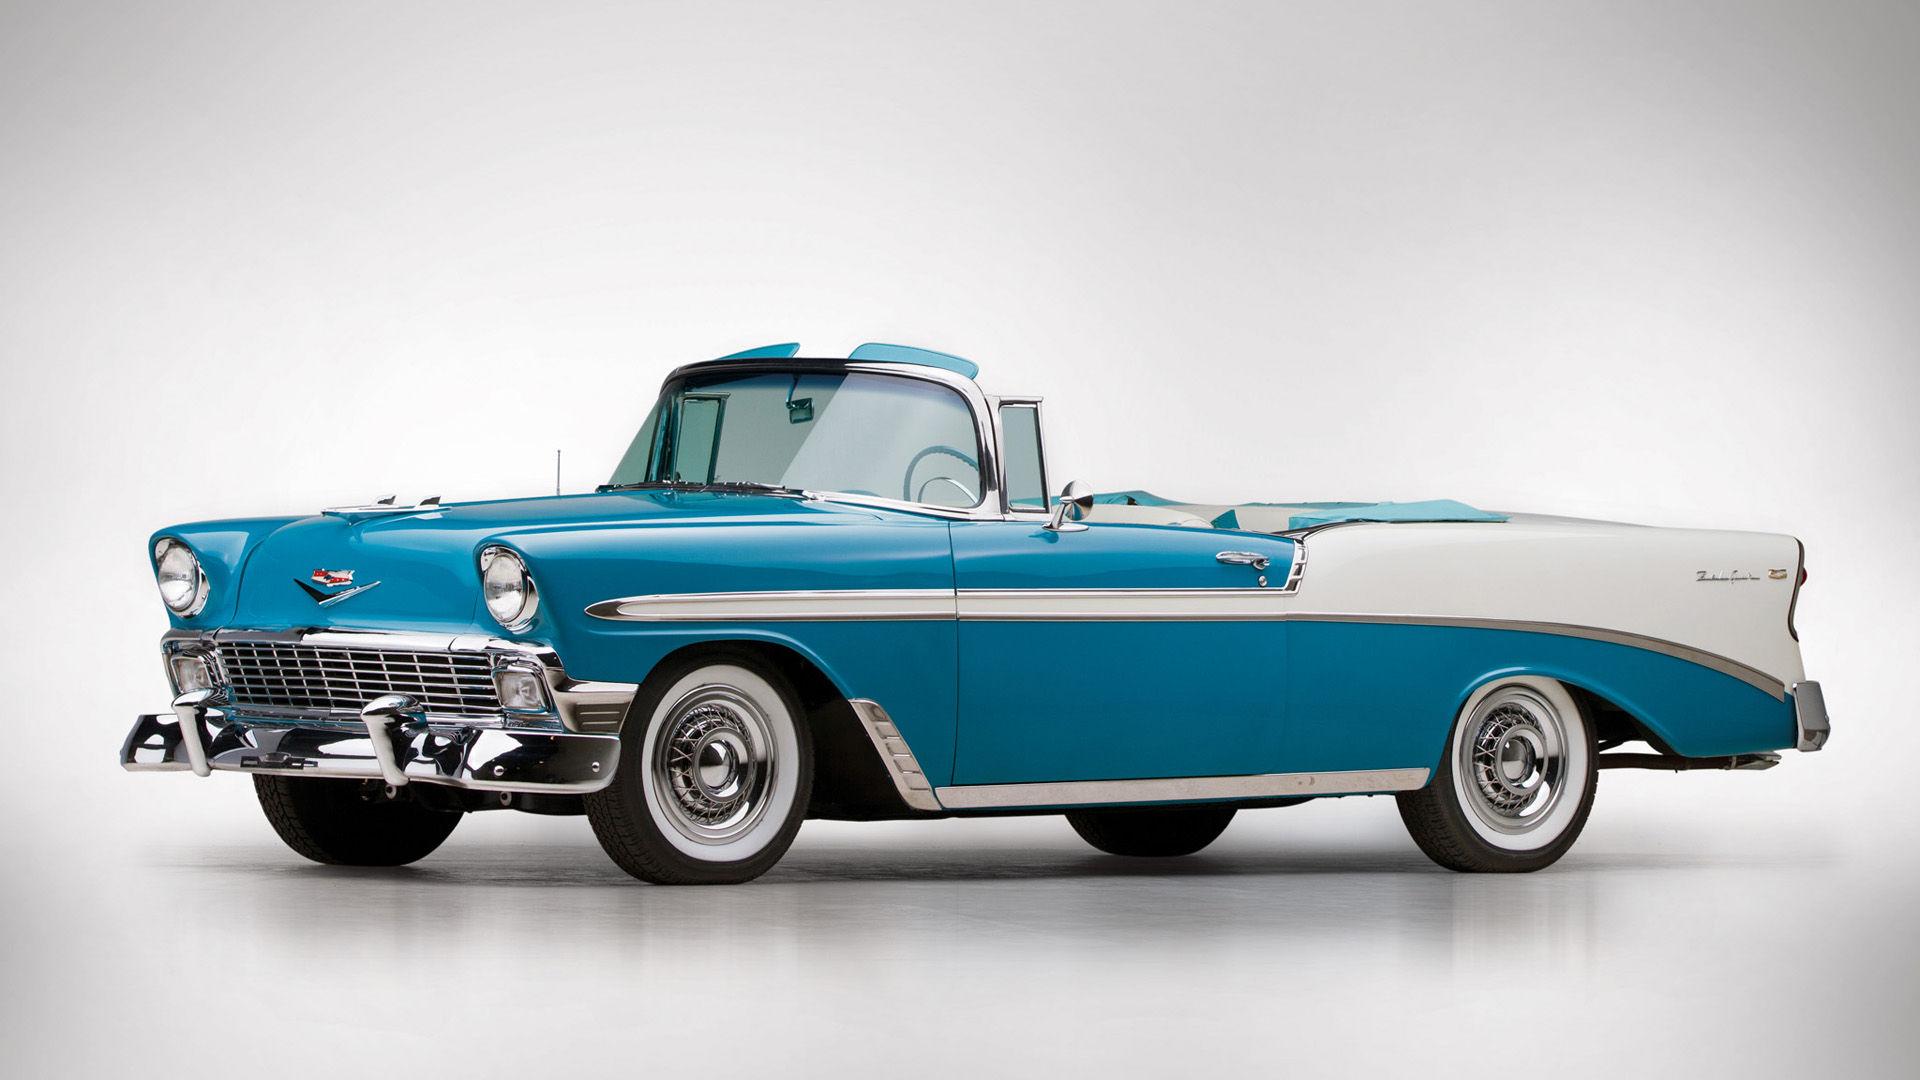 Kekurangan Chevrolet Bel Air 1956 Harga